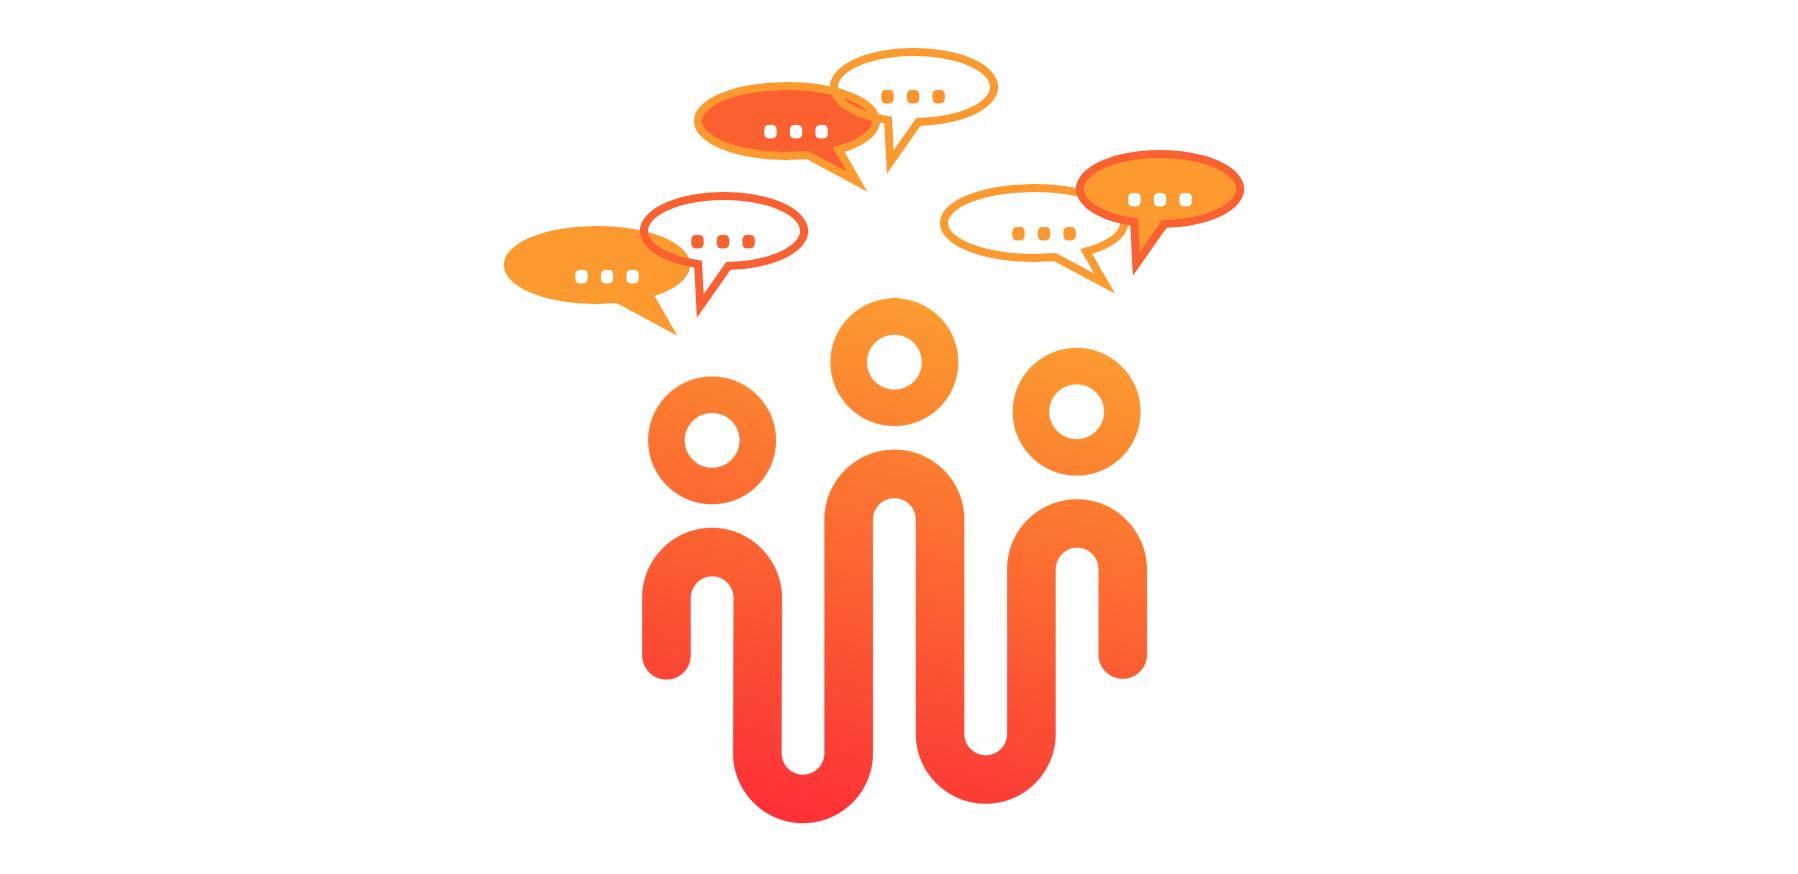 Logo HEROIC santé représentant des malades chroniques qui communiquent entre eux